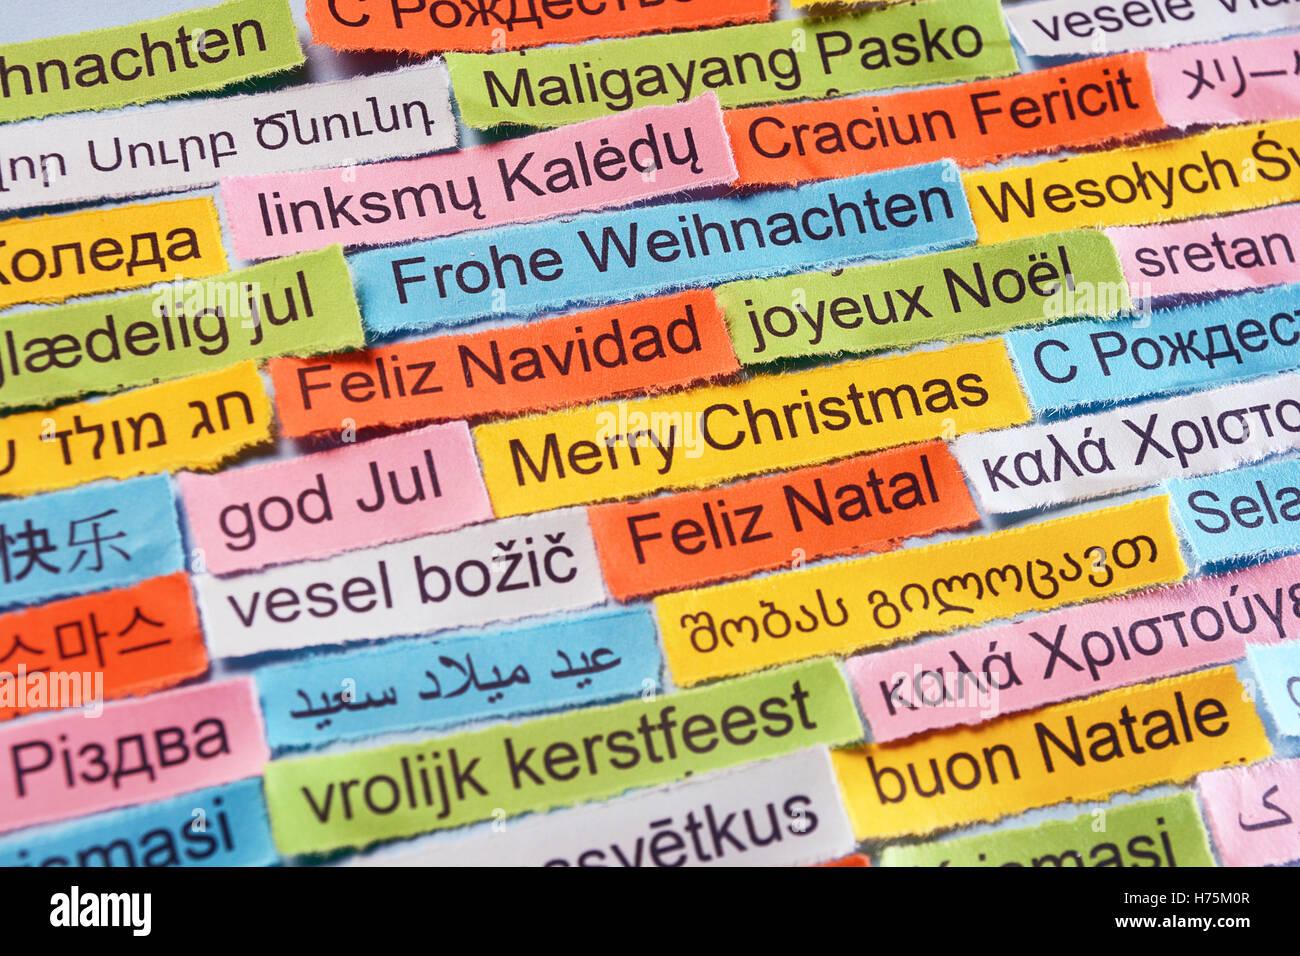 Frohe Weihnachten-Wortwolke auf farbiges Papier verschiedene ...